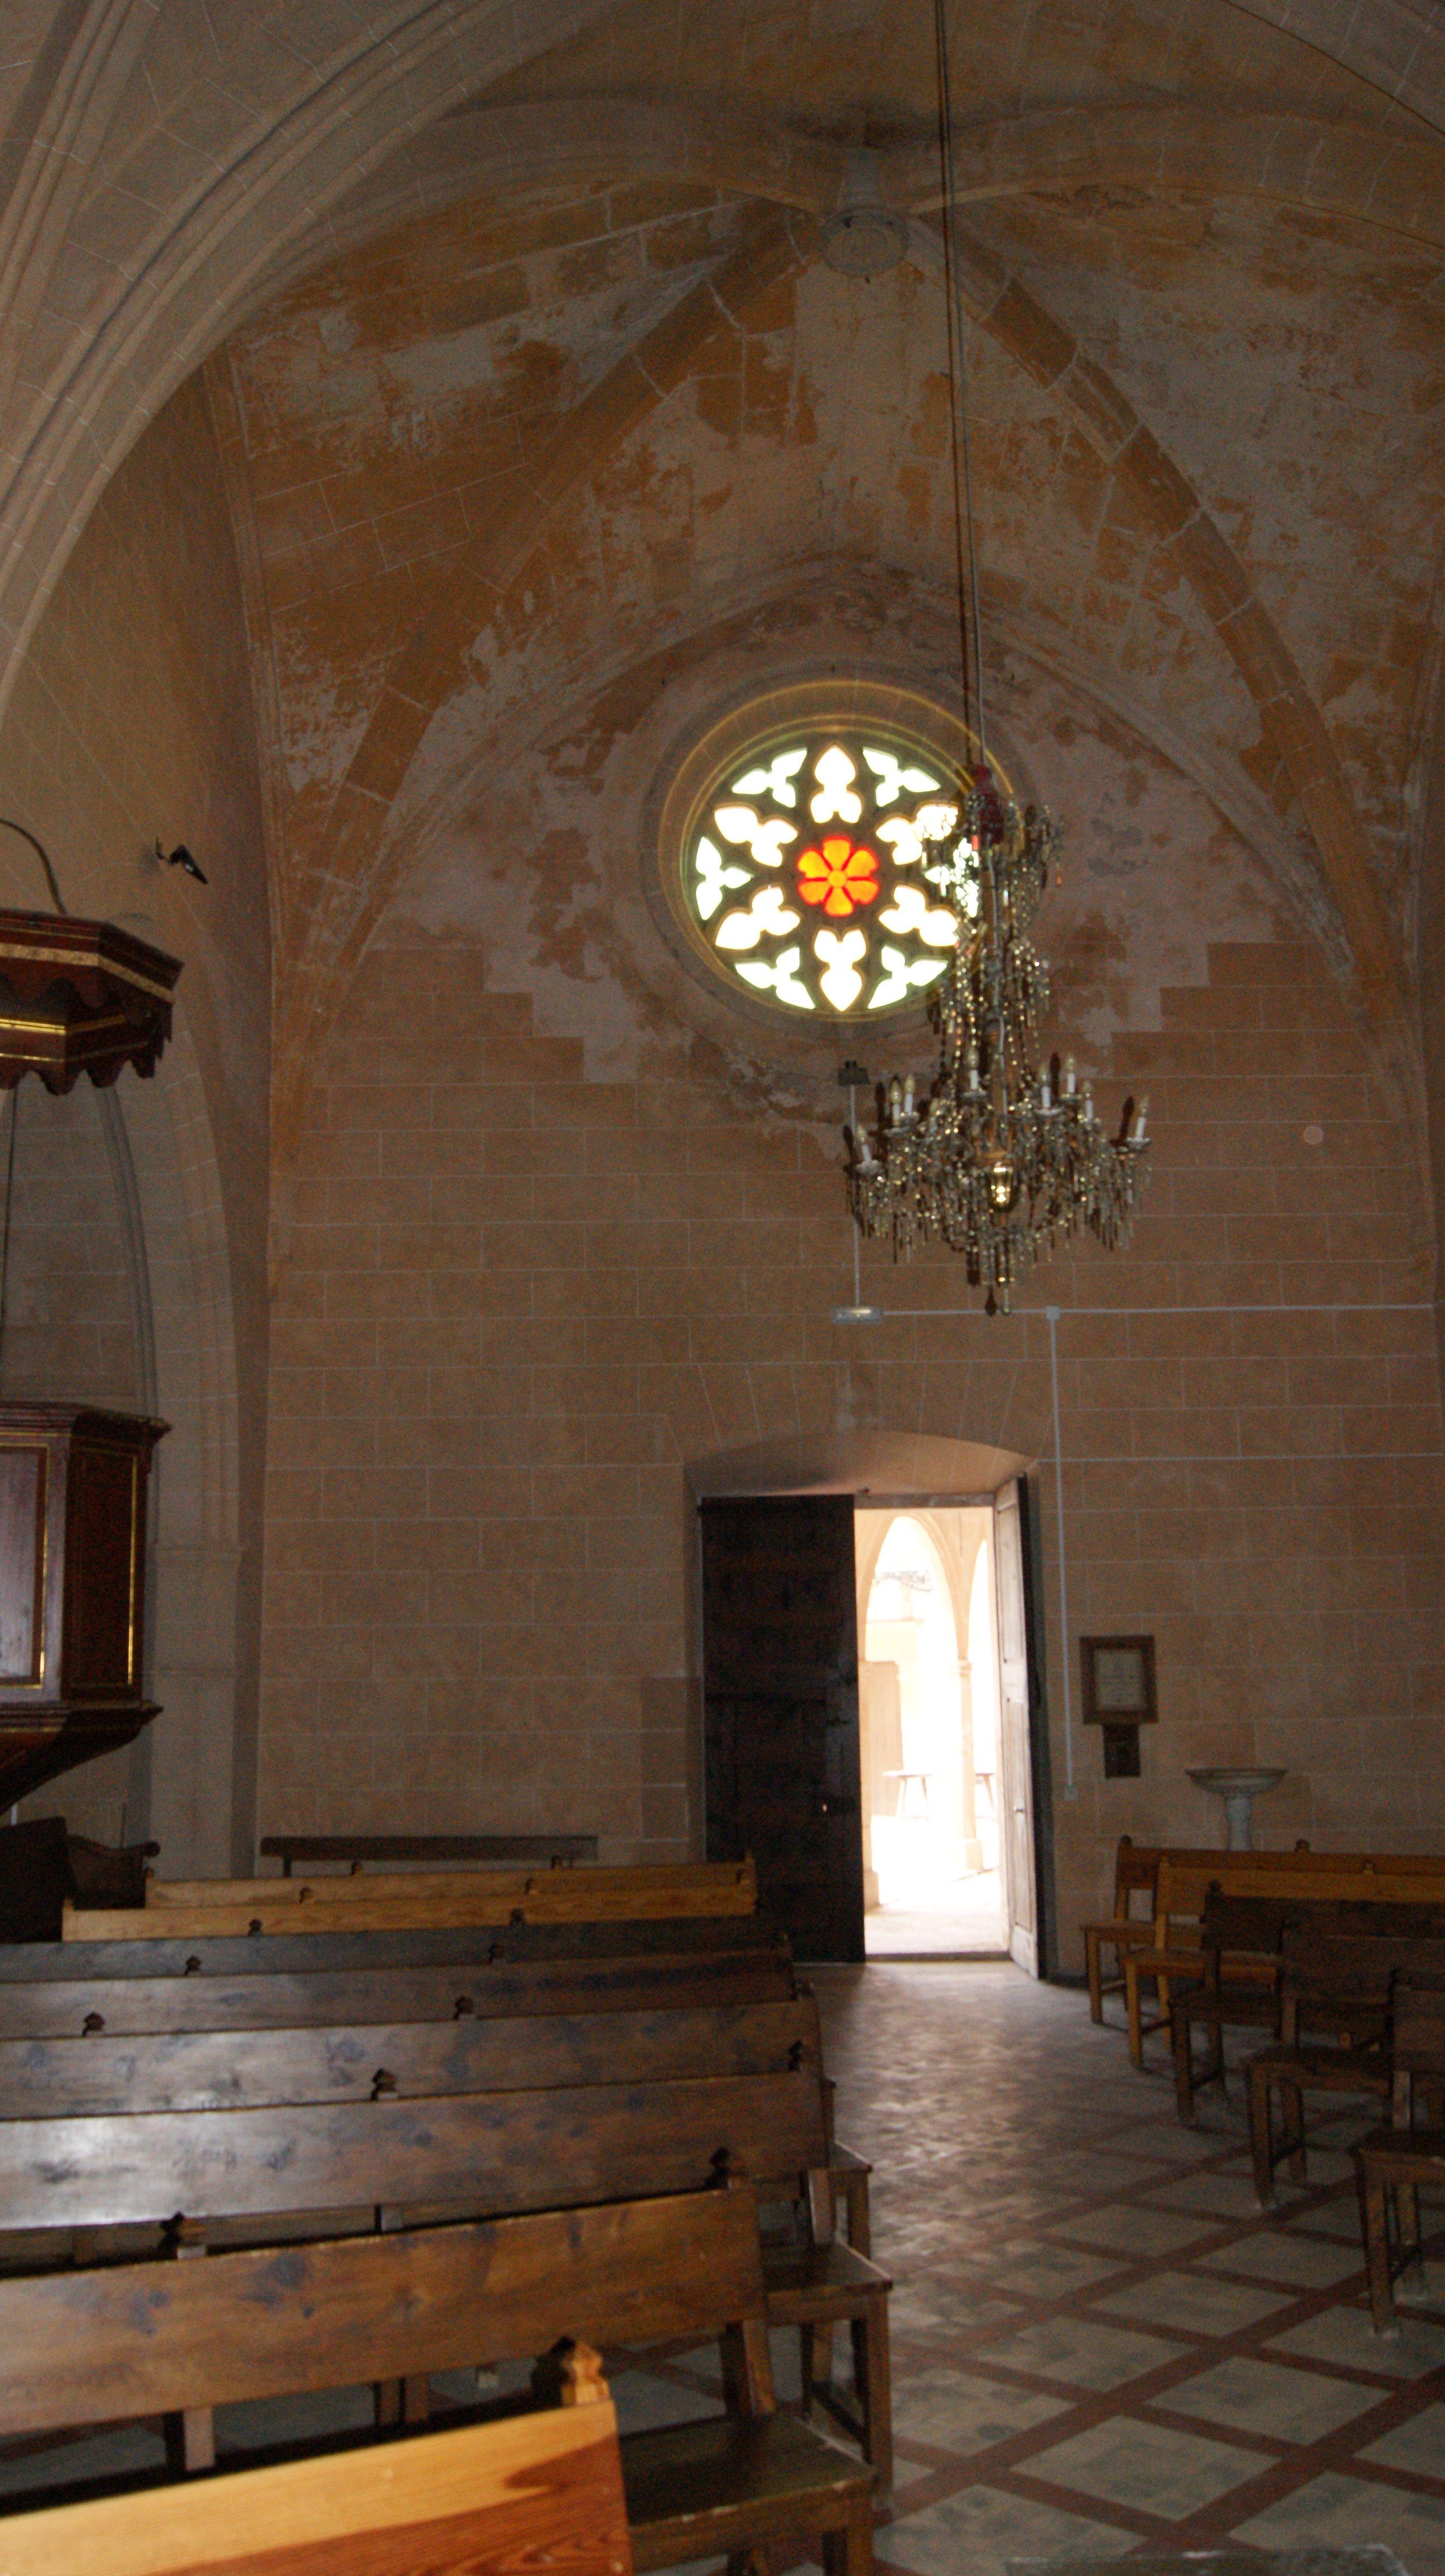 File:Mallorca-Monti Sion-Church-Entry4-08.jpg